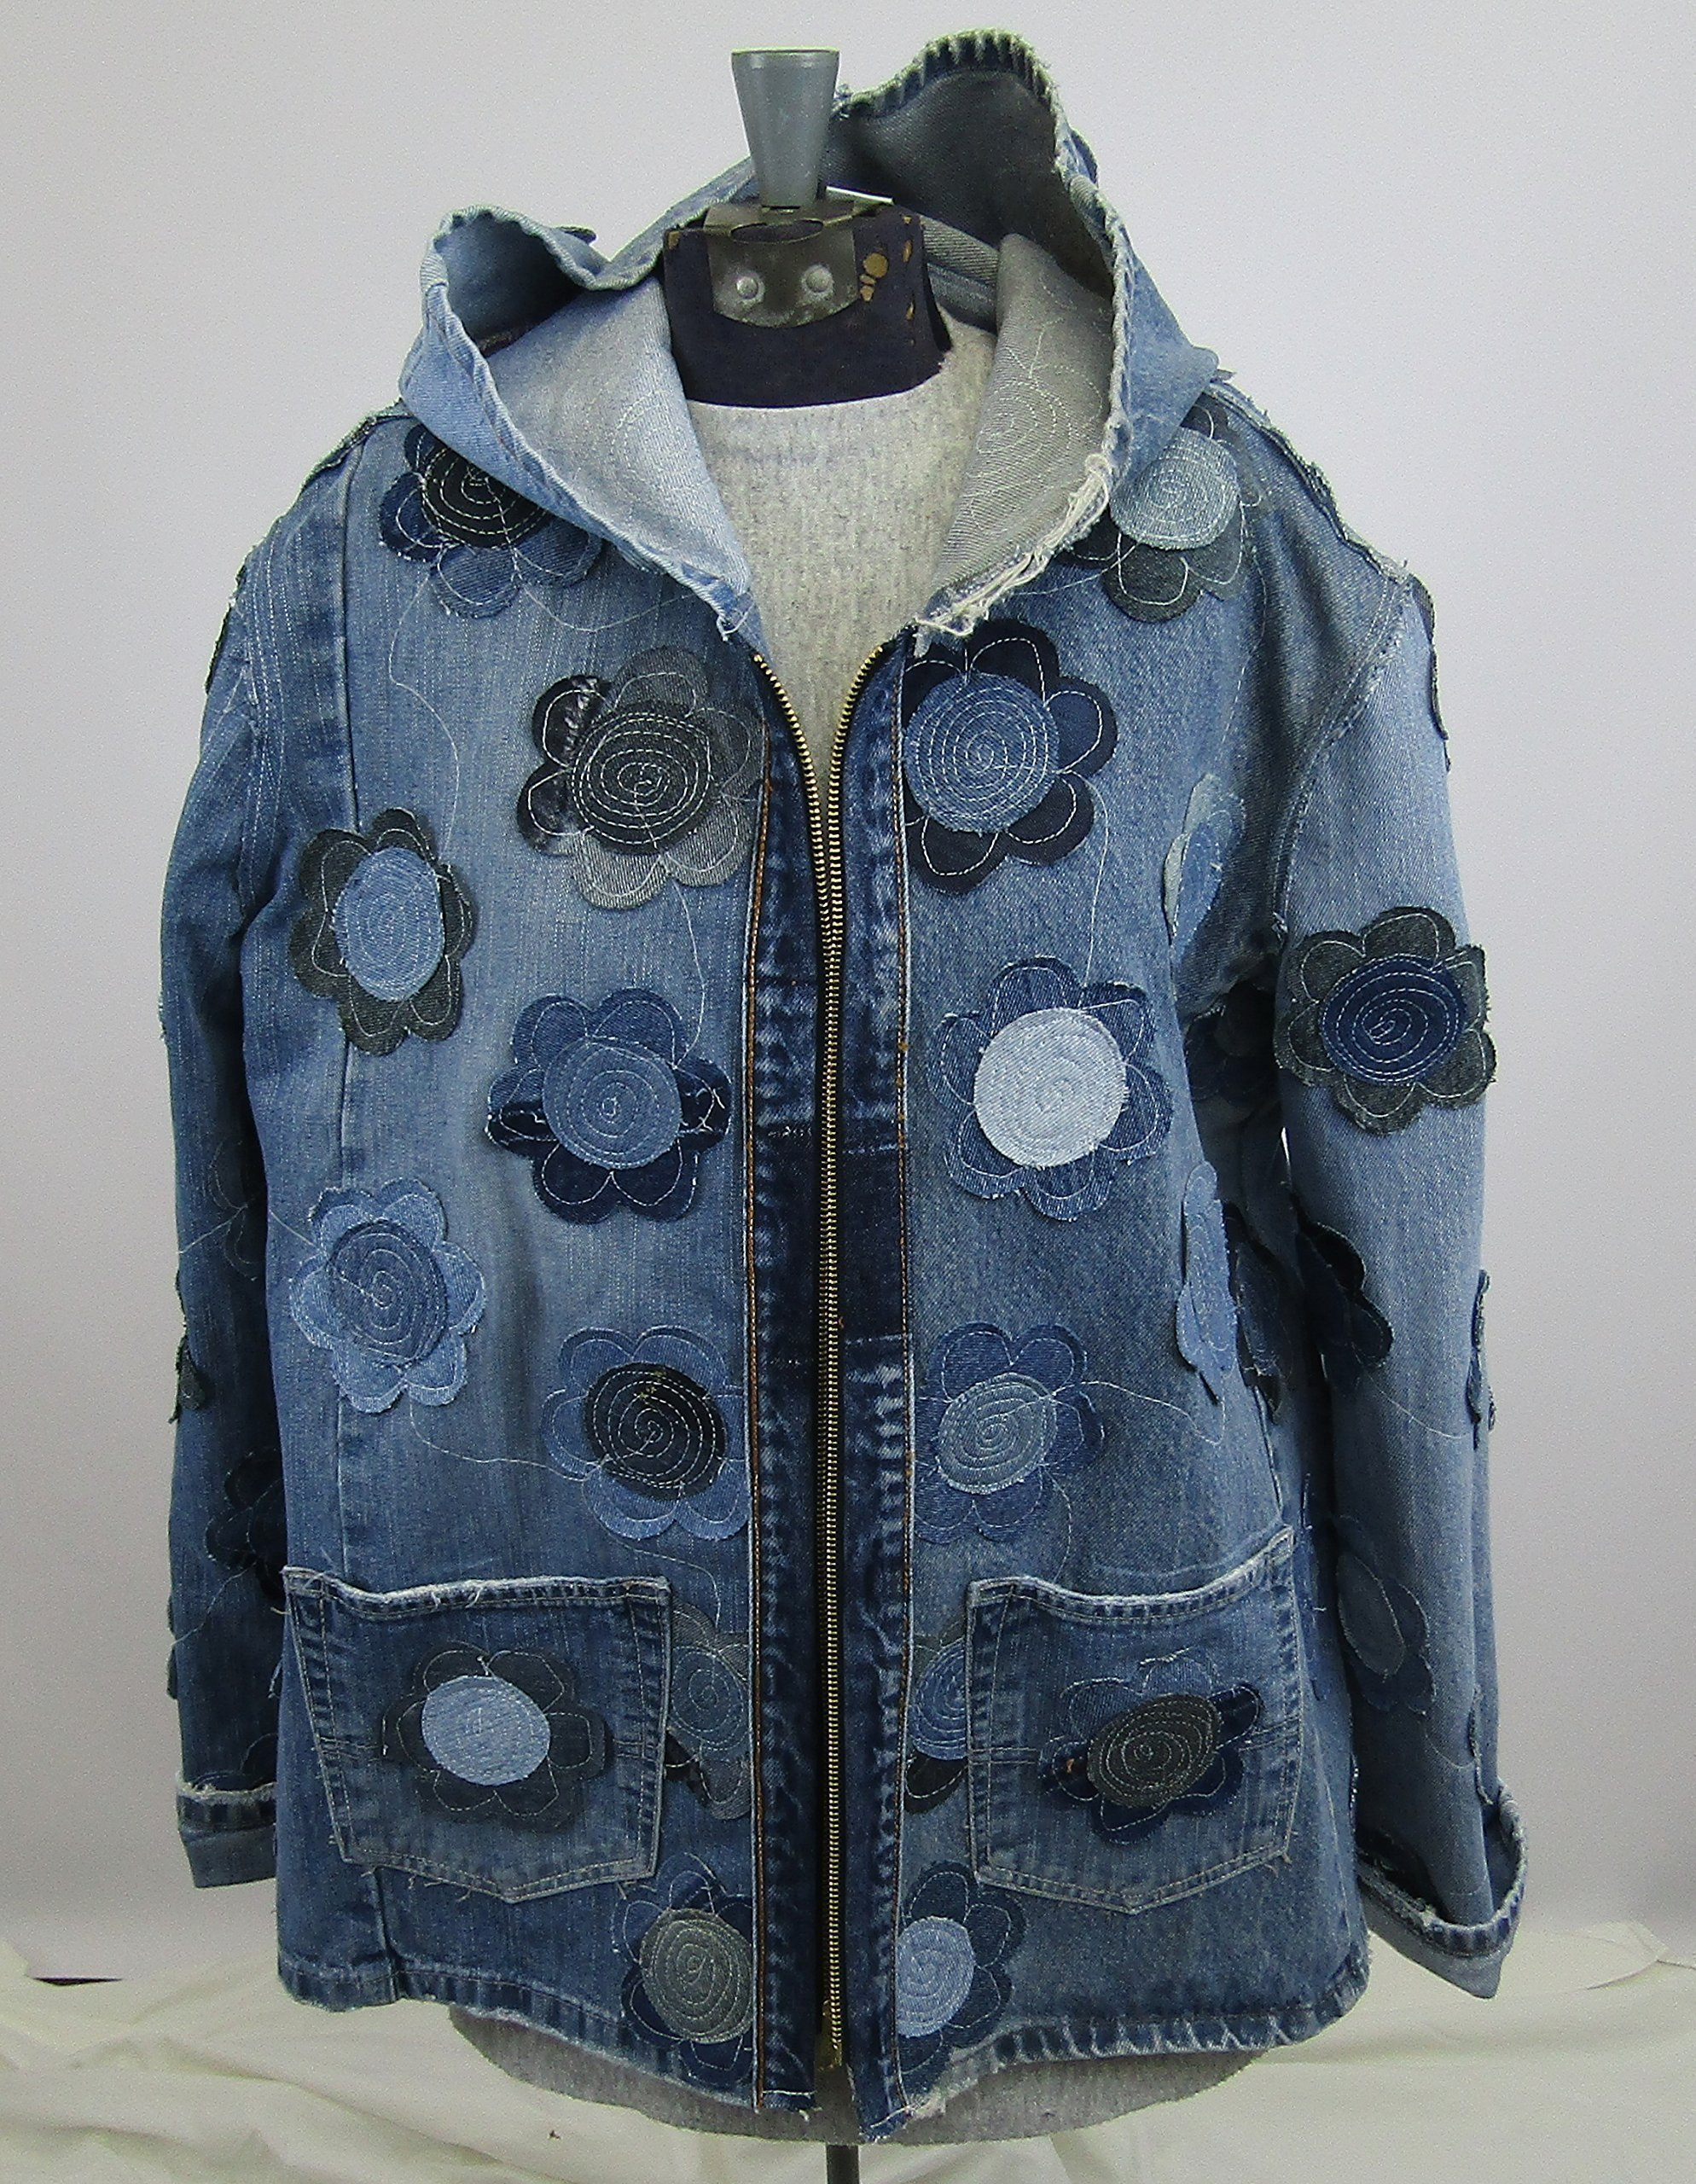 Hooded Denim Jacket Large with Floral Applique